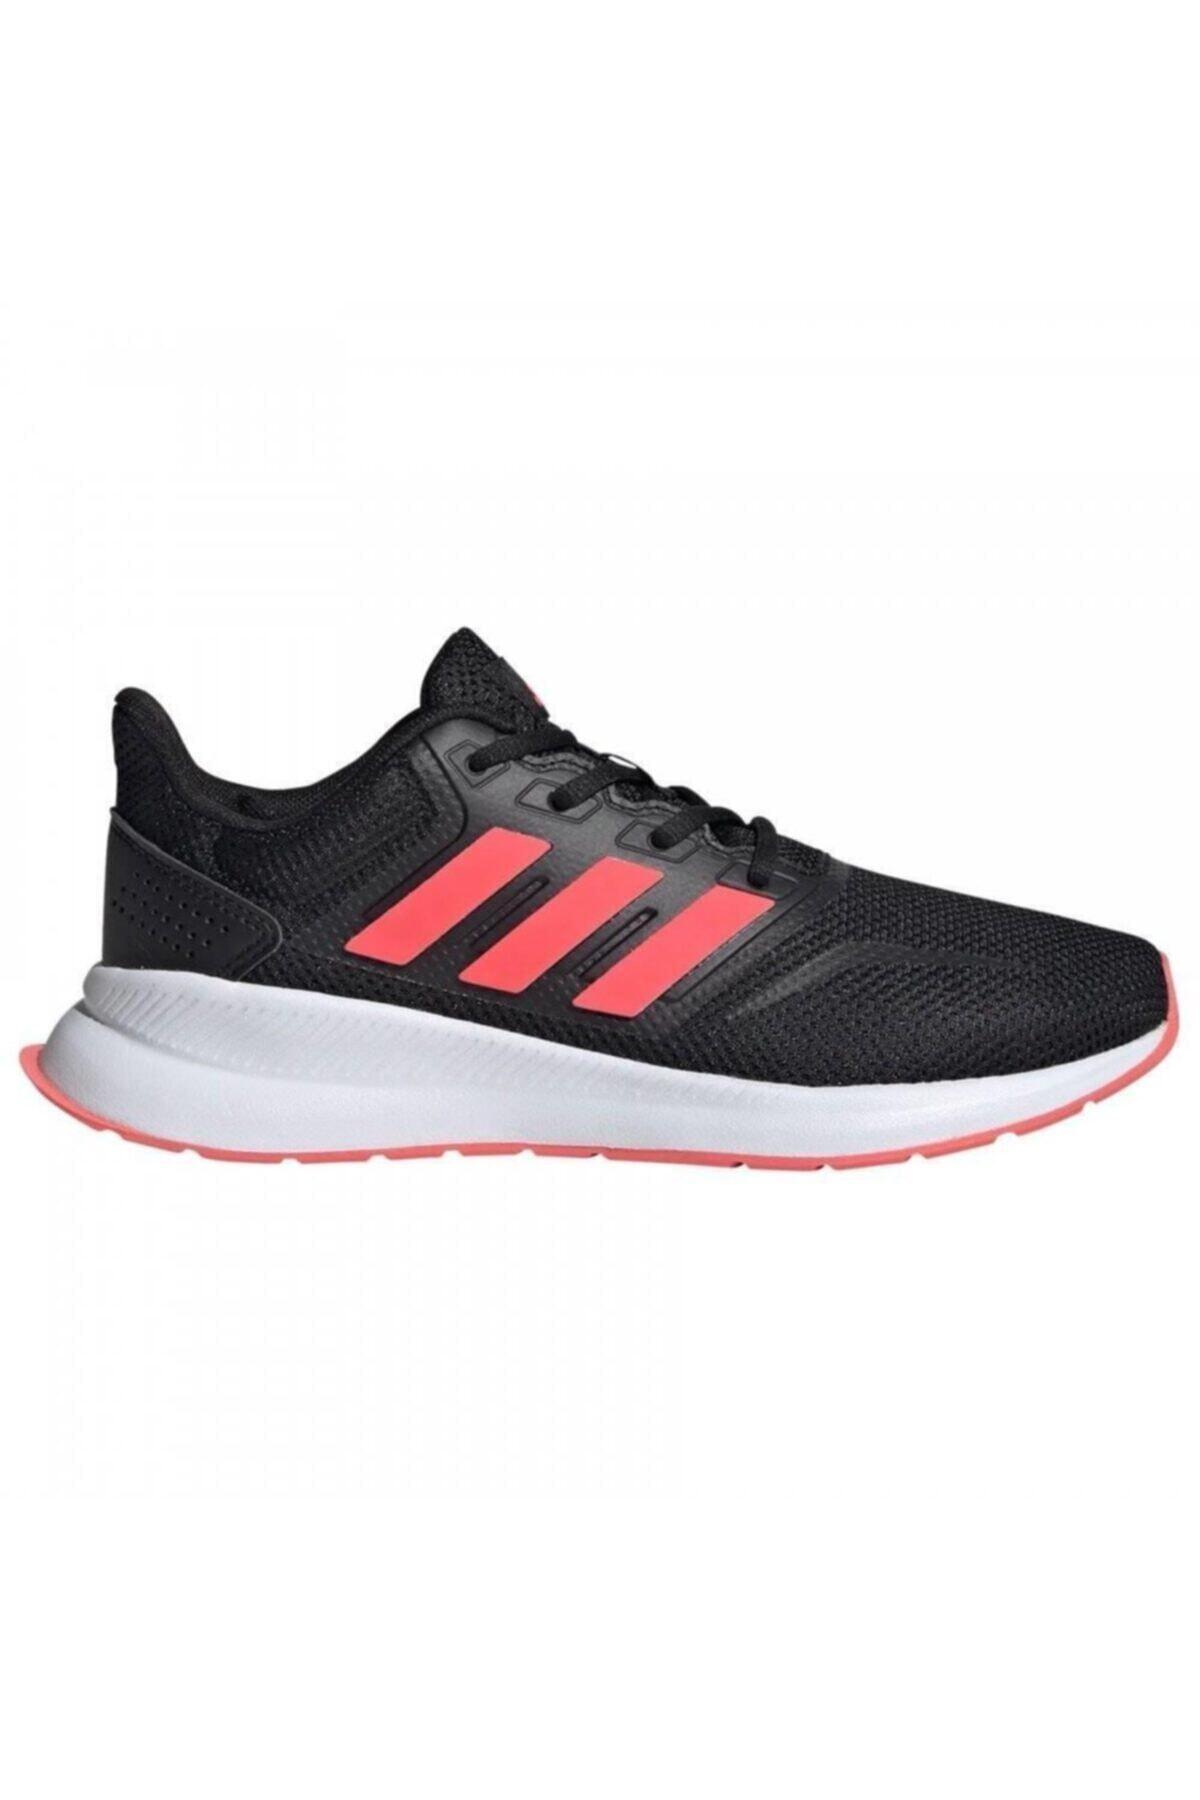 adidas RUNFALCON K Siyah Kız Çocuk Koşu Ayakkabısı 100663822 1